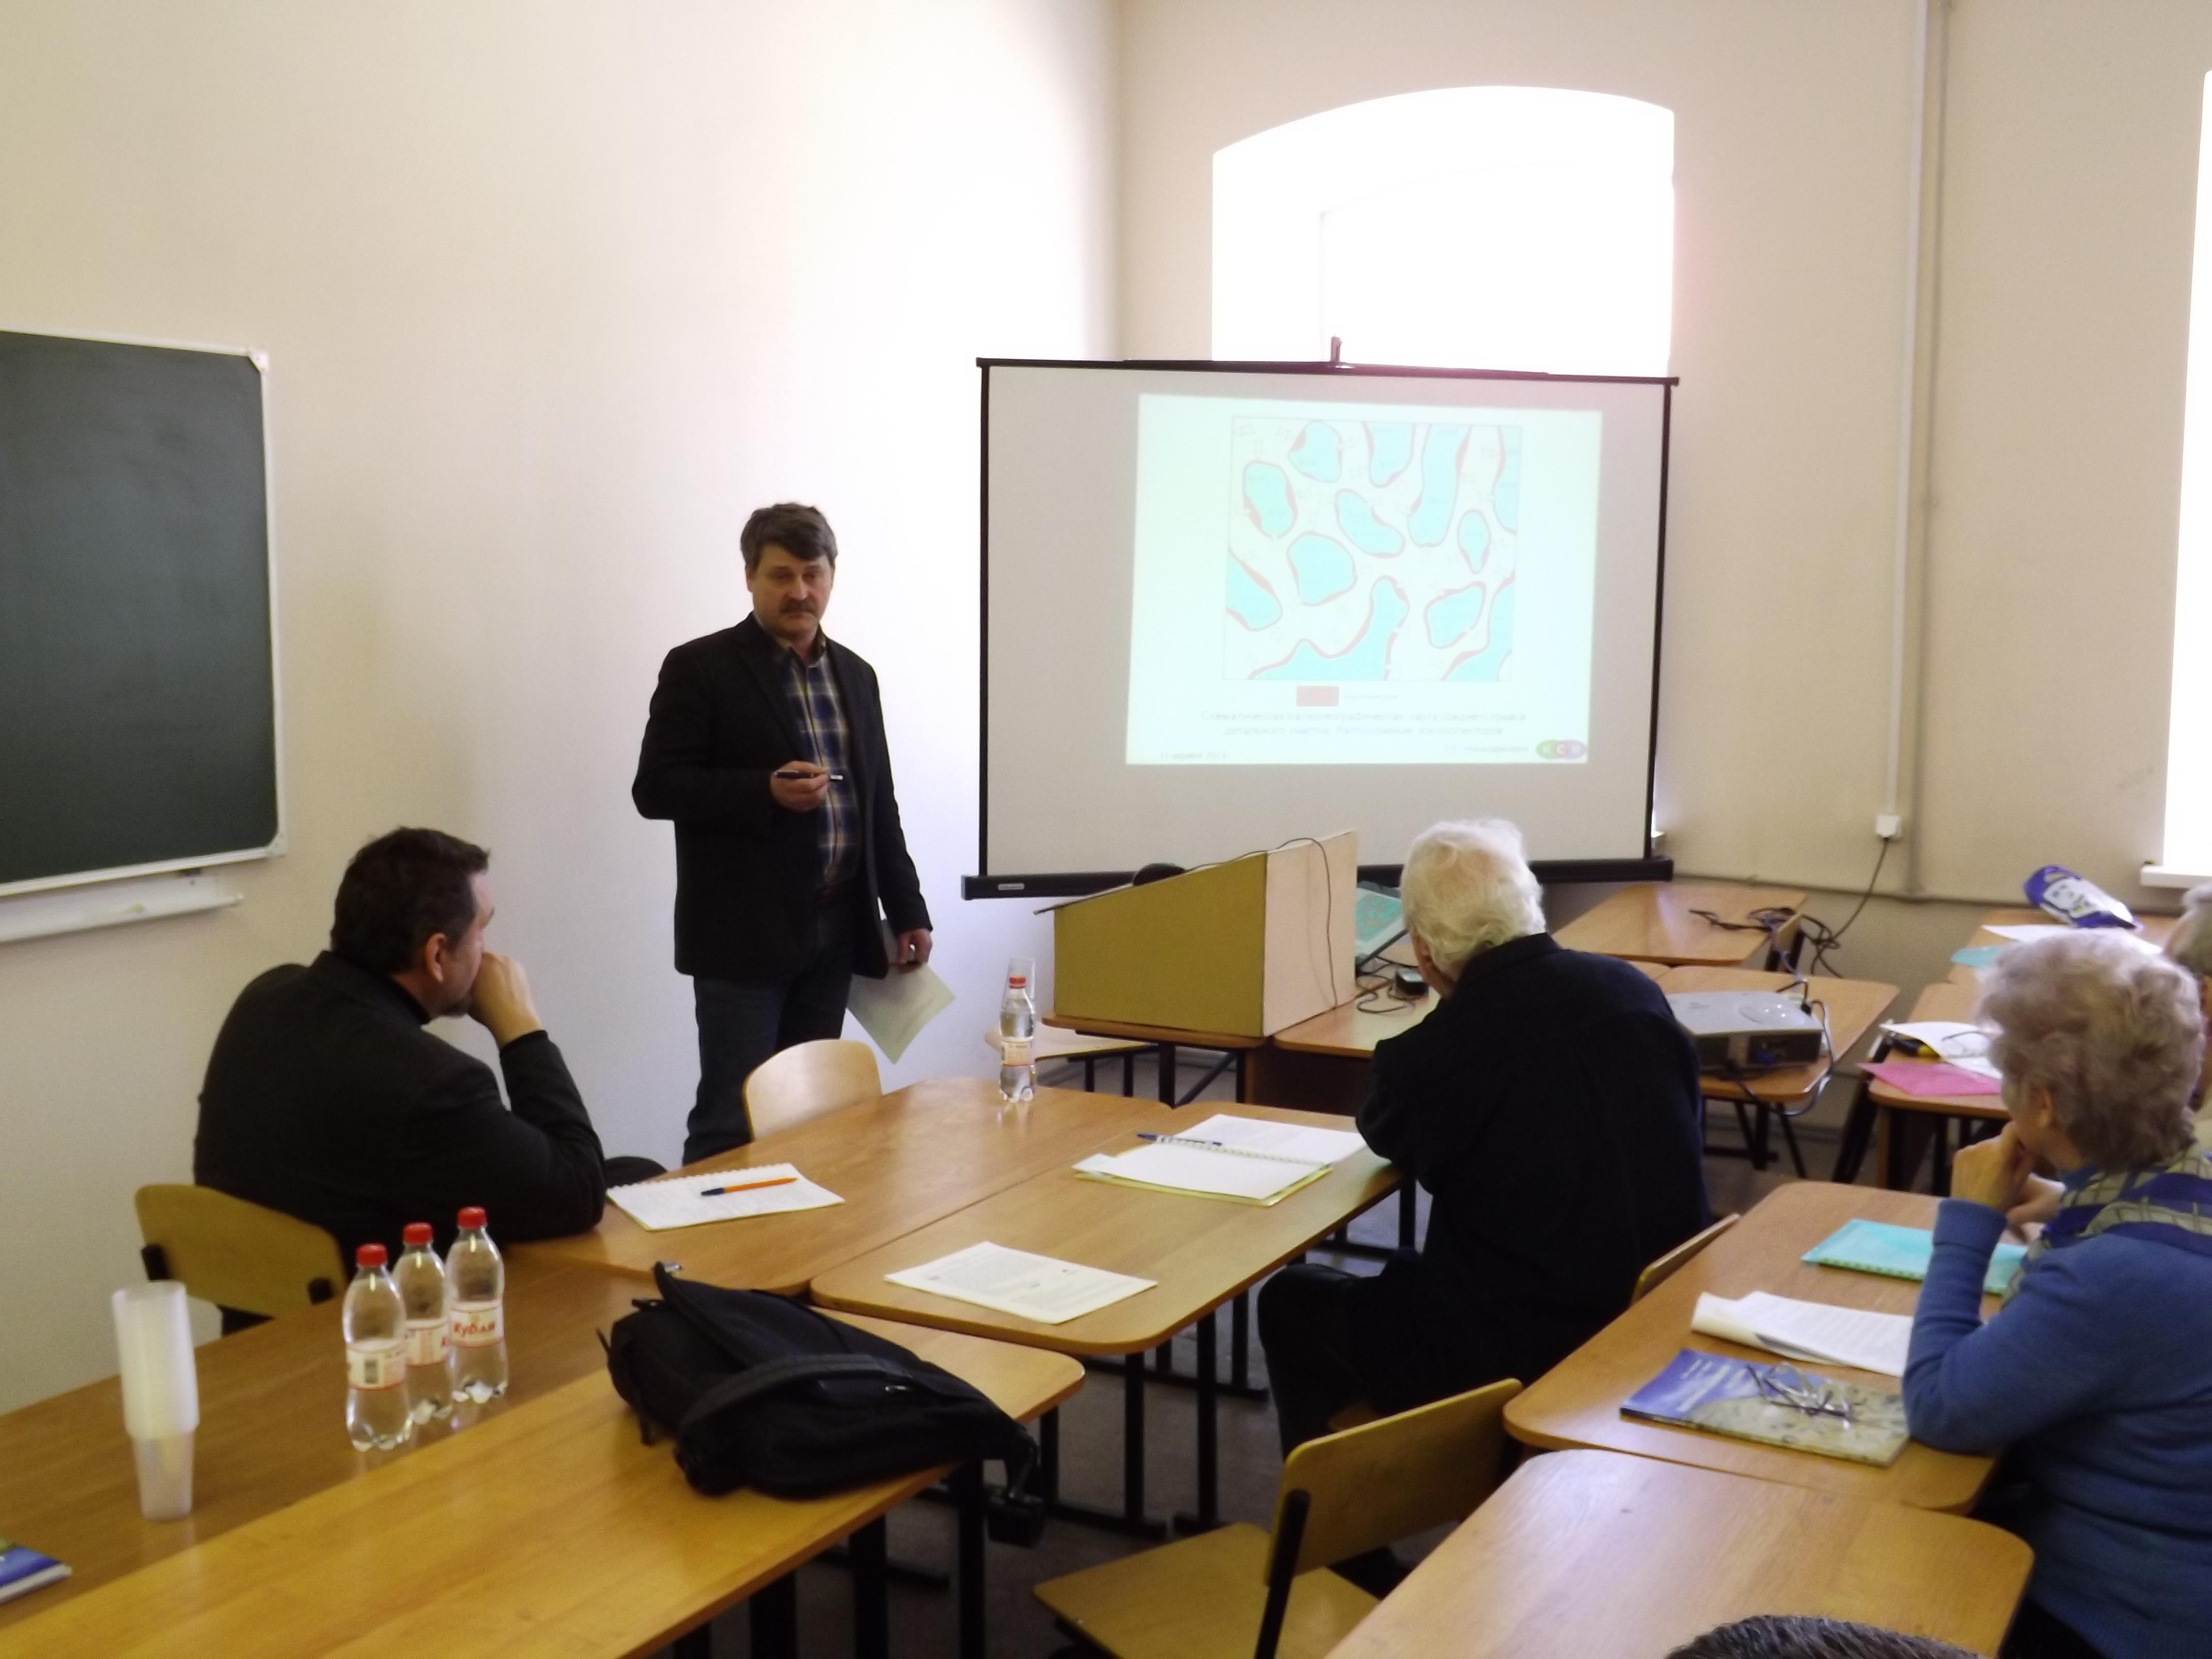 Украина обучение геолог бесплатное обучение китайскому языку онлайн бесплатно